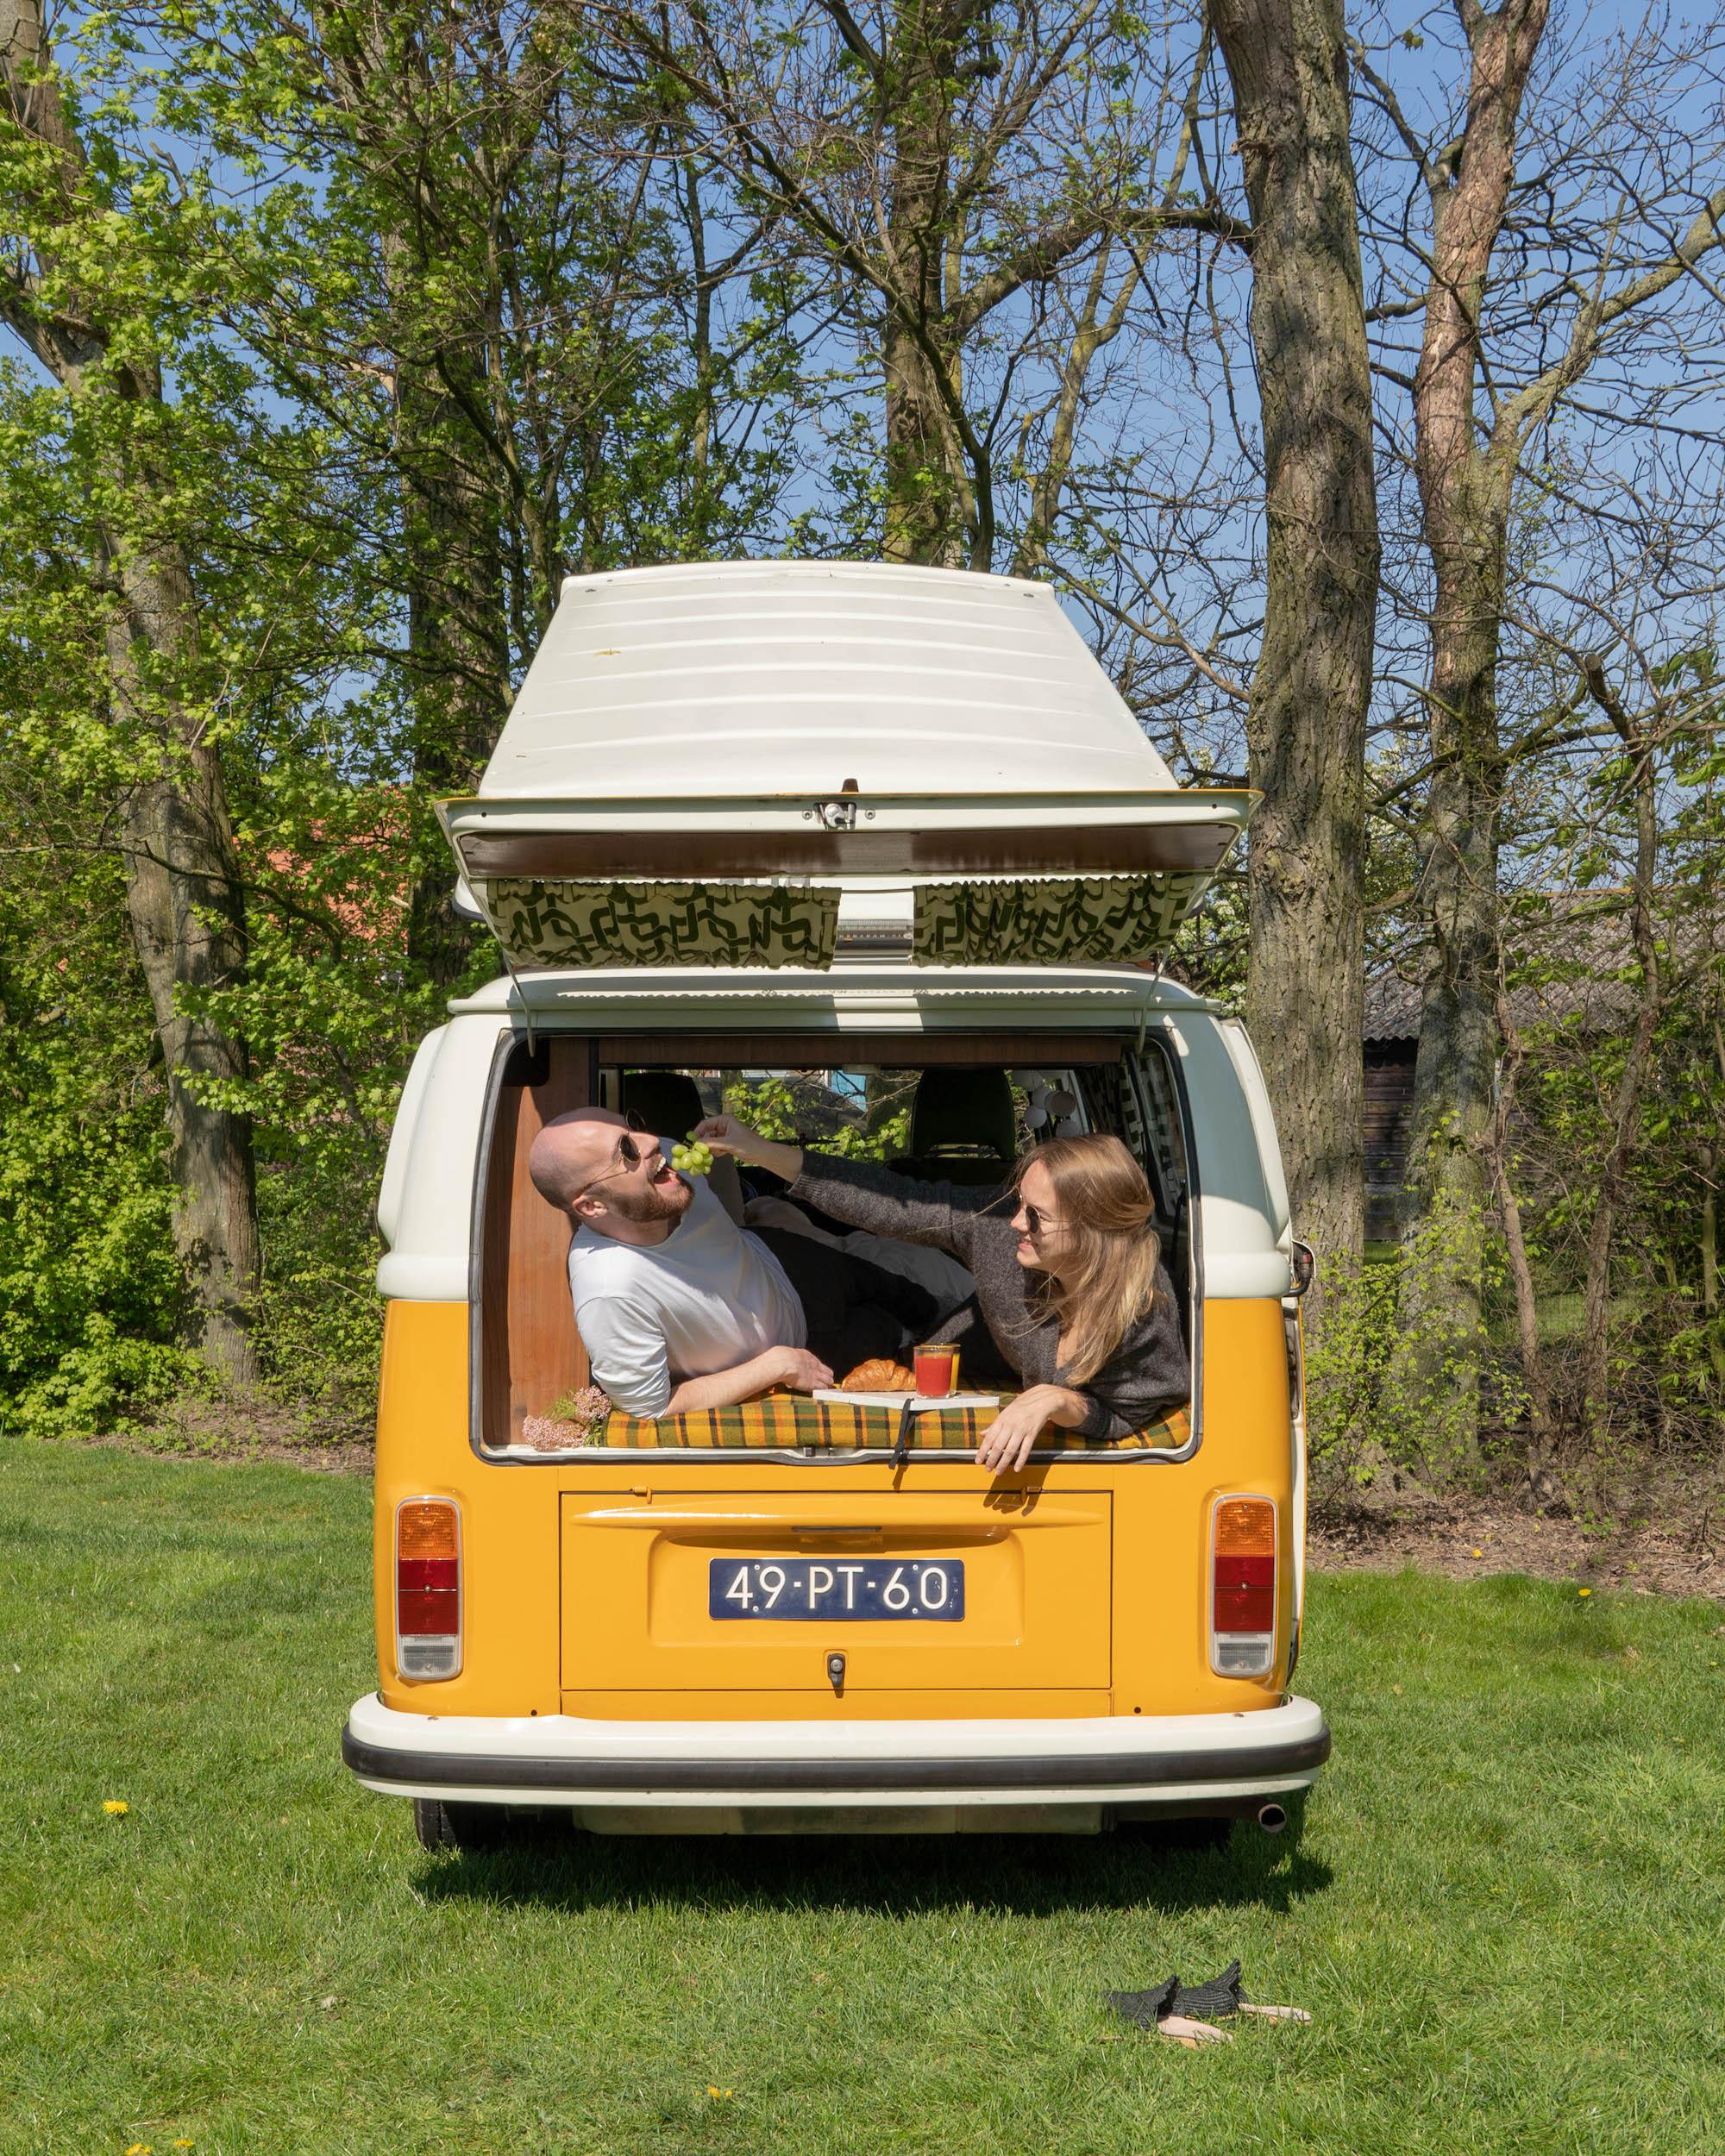 De Volkswagenbus